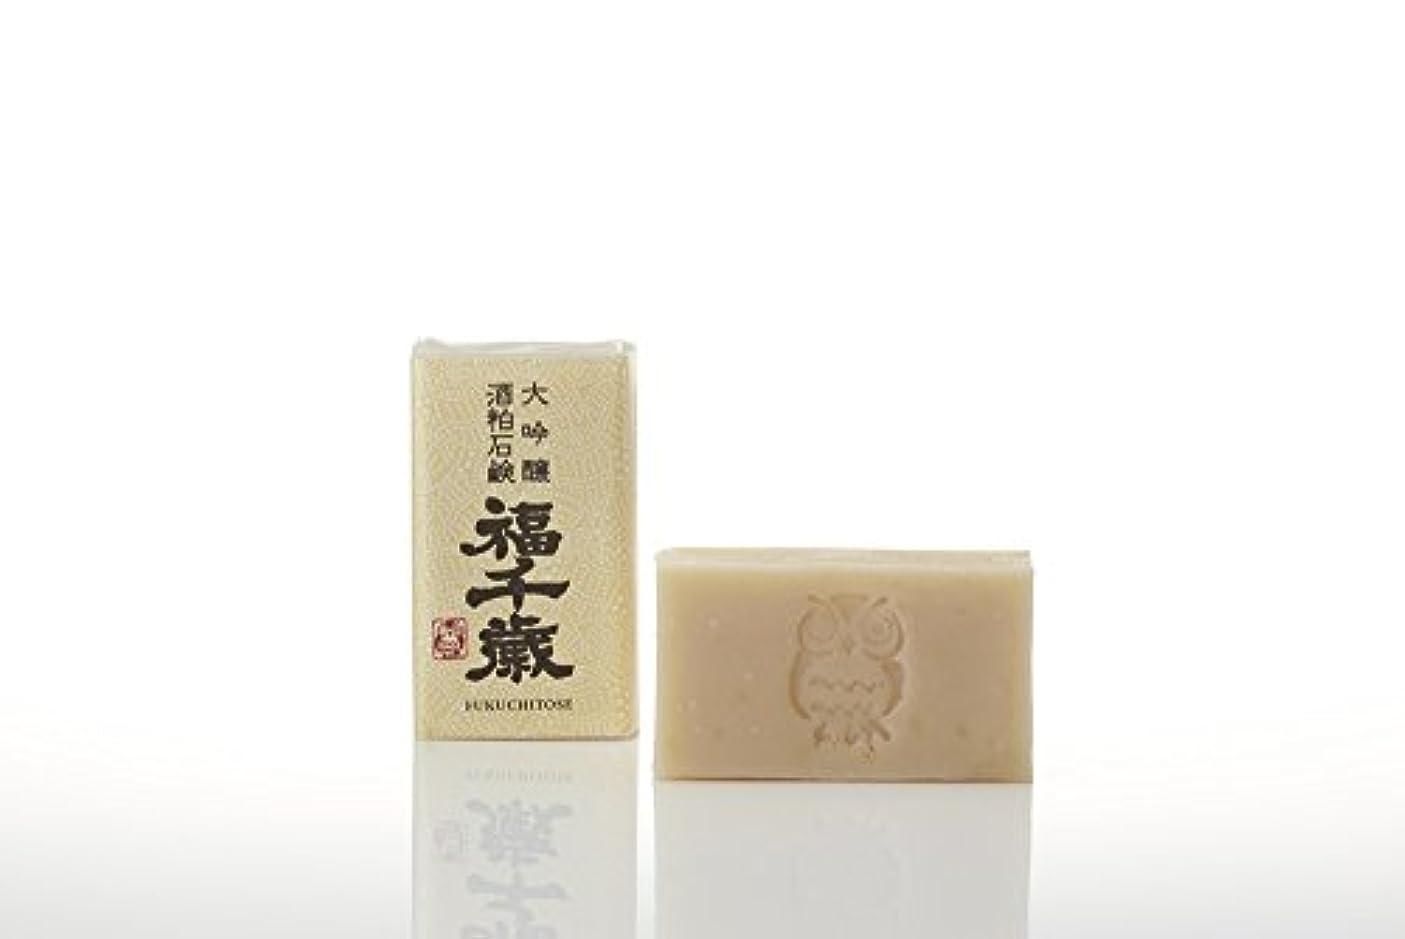 スマッシュ翻訳者勤勉福千歳 大吟醸酒粕石鹸80g